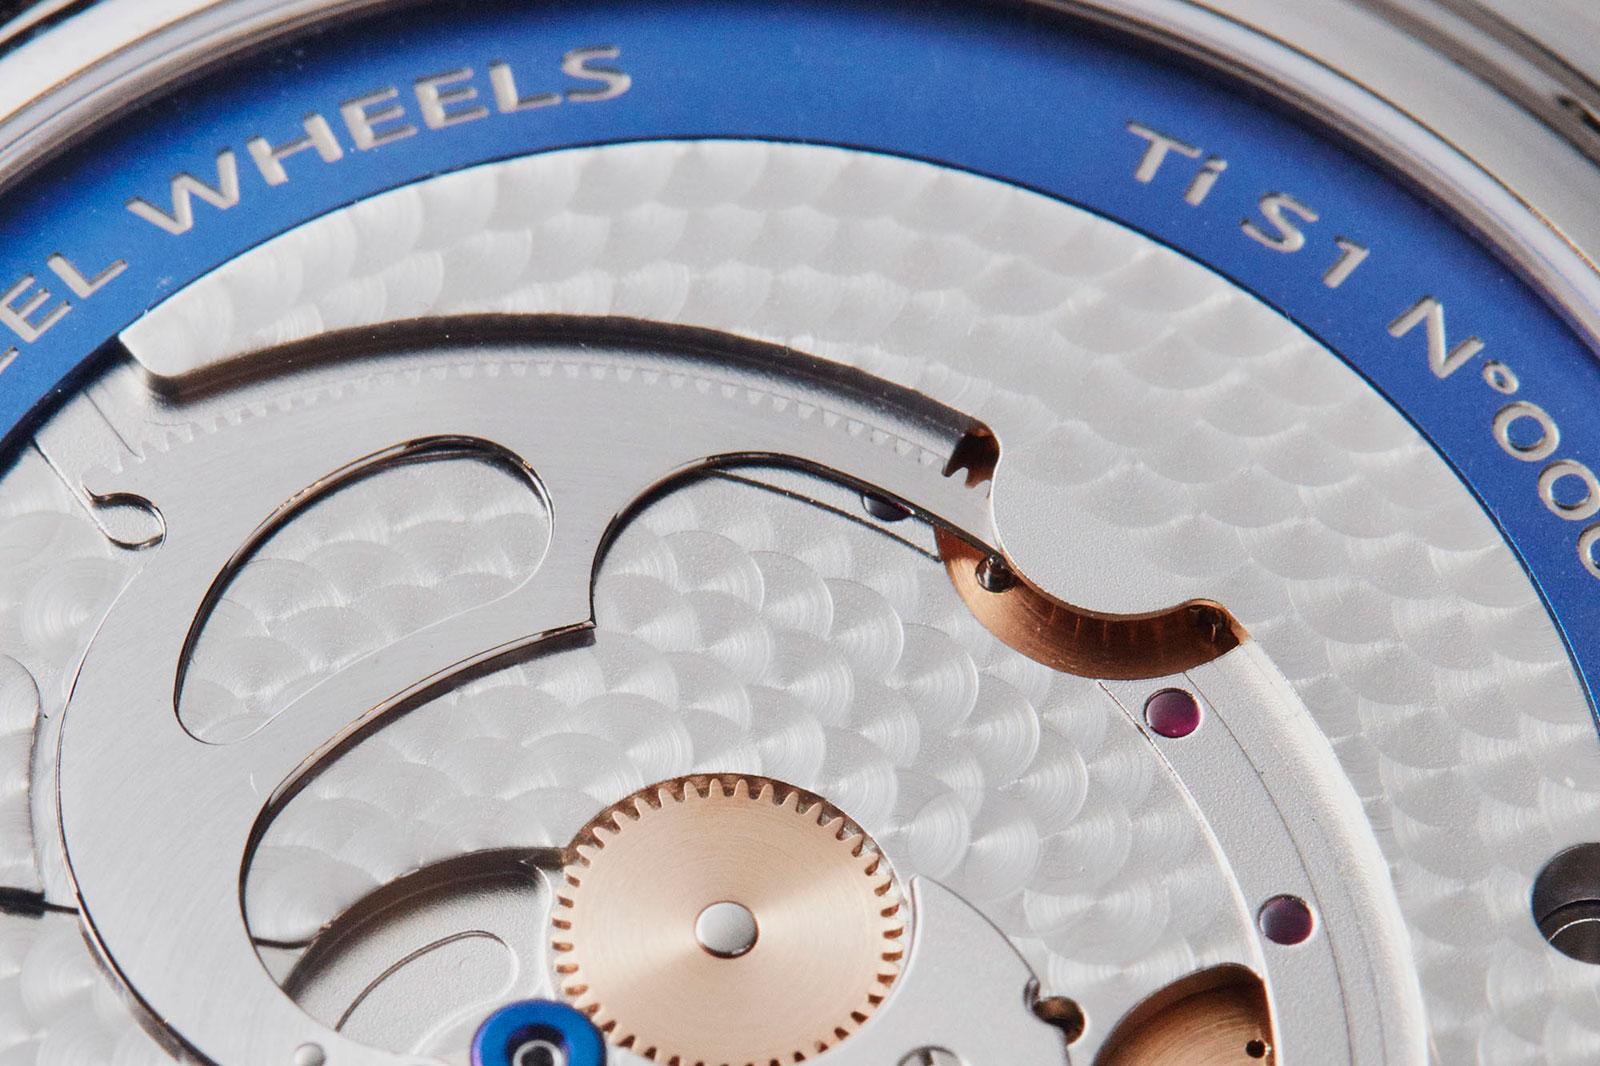 De Bethune DB28 steel wheels watch 8